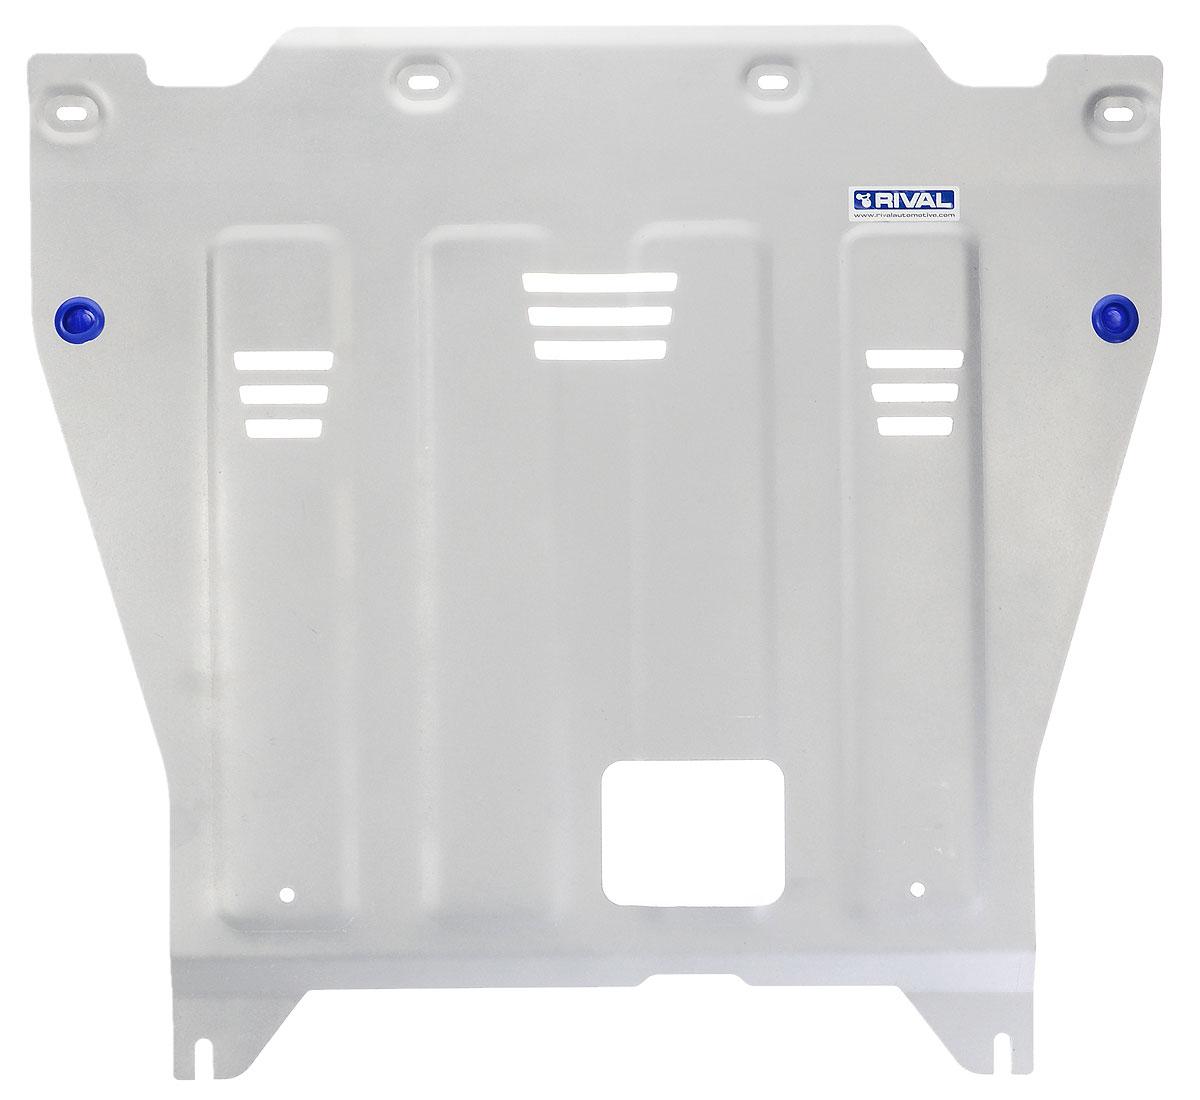 Защита картера и КПП Rival, для Kia Optima. 333.2837.1333.2837.1Защита картера и КПП для Kia Optima , V - 2,0(150hp); 2,4GDI(188hp) ; 2,0T-GDI(245hp) 2016-, крепеж в комплекте, алюминий 4 мм, Rival. Надежно защищают днище вашего автомобиля от повреждений, например при наезде на бордюры, а также выполняют эстетическую функцию при установке на высокие автомобили.- Толщина алюминиевых защит в 2 раза толще стальных, а вес при этом меньше до 30%.- Отлично отводит тепло от двигателя своей поверхностью, что спасает двигатель от перегрева в летний период или при высоких нагрузках.- В отличие от стальных, алюминиевые защиты не поддаются коррозии, что гарантирует срок службы защит более 5 лет.- Покрываются порошковой краской, что надолго сохраняет первоначальный вид новой защиты и защищает от гальванической коррозии.- Глубокий штамп дополнительно усиливает конструкцию защиты.- Подштамповка в местах крепления защищает крепеж от срезания.- Технологические отверстия там, где они необходимы для смены масла и слива воды, оборудованные заглушками, надежно закрепленными на защите.Уважаемые клиенты!Обращаем ваше внимание, на тот факт, что защита имеет форму, соответствующую модели данного автомобиля. Фото служит для визуального восприятия товара.